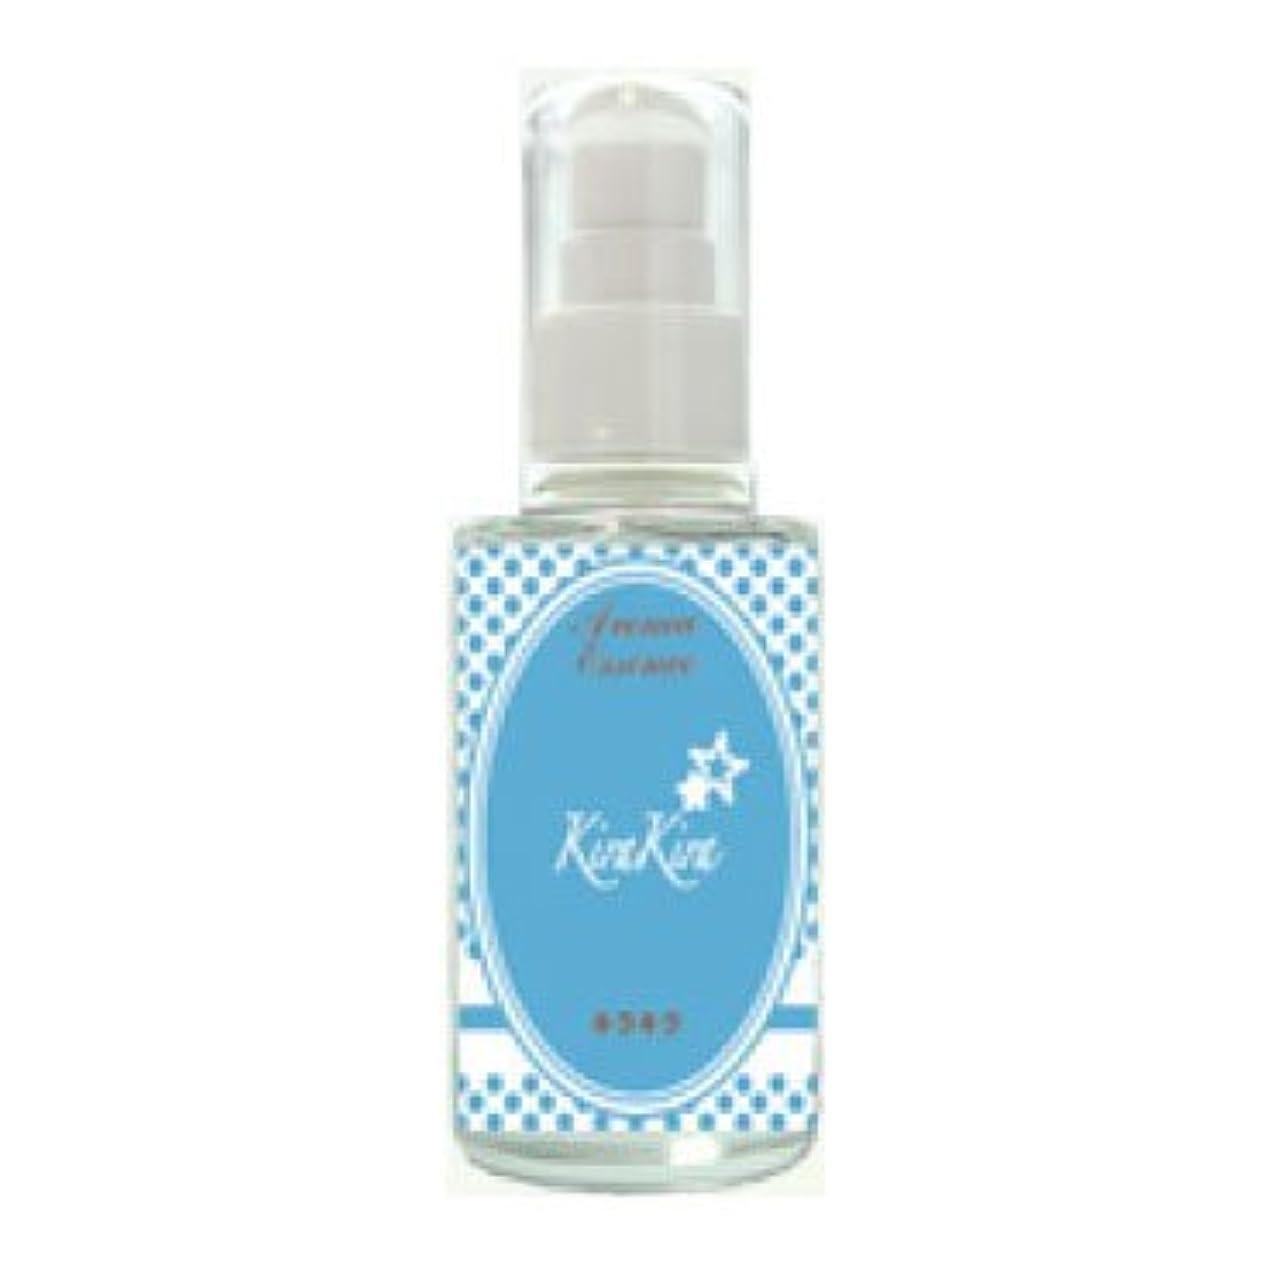 過度の評決避けるAroma Essence アロマエッセンス 香水系 06 キラキラ 50ml